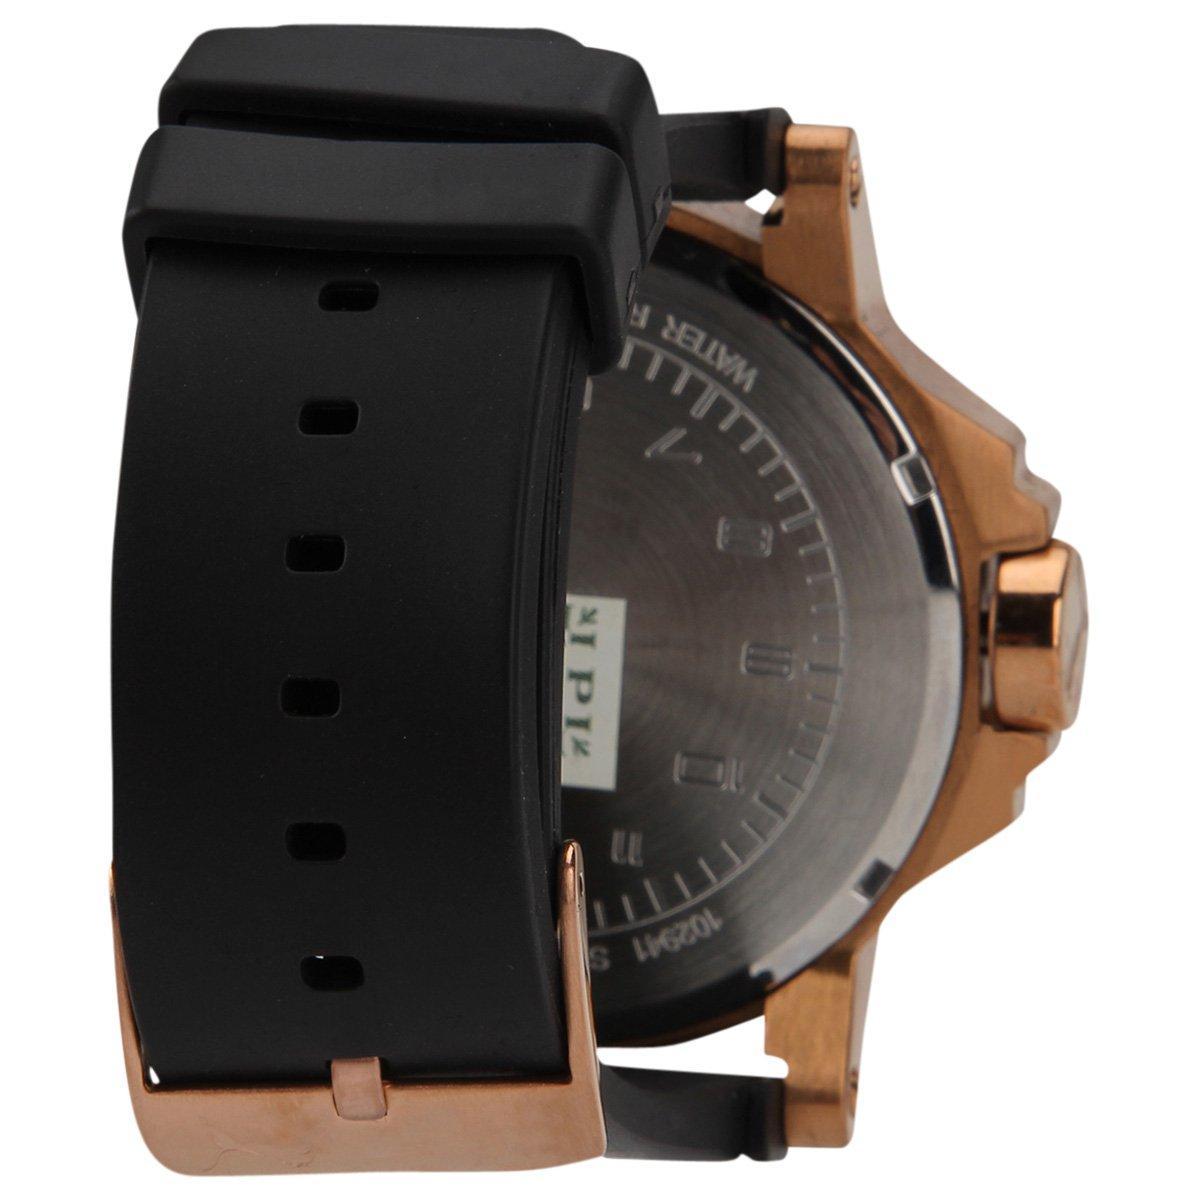 8387987a5de ... Relógio Puma Ultrasize - Preto+Cobre. OFERTAS  OPEC